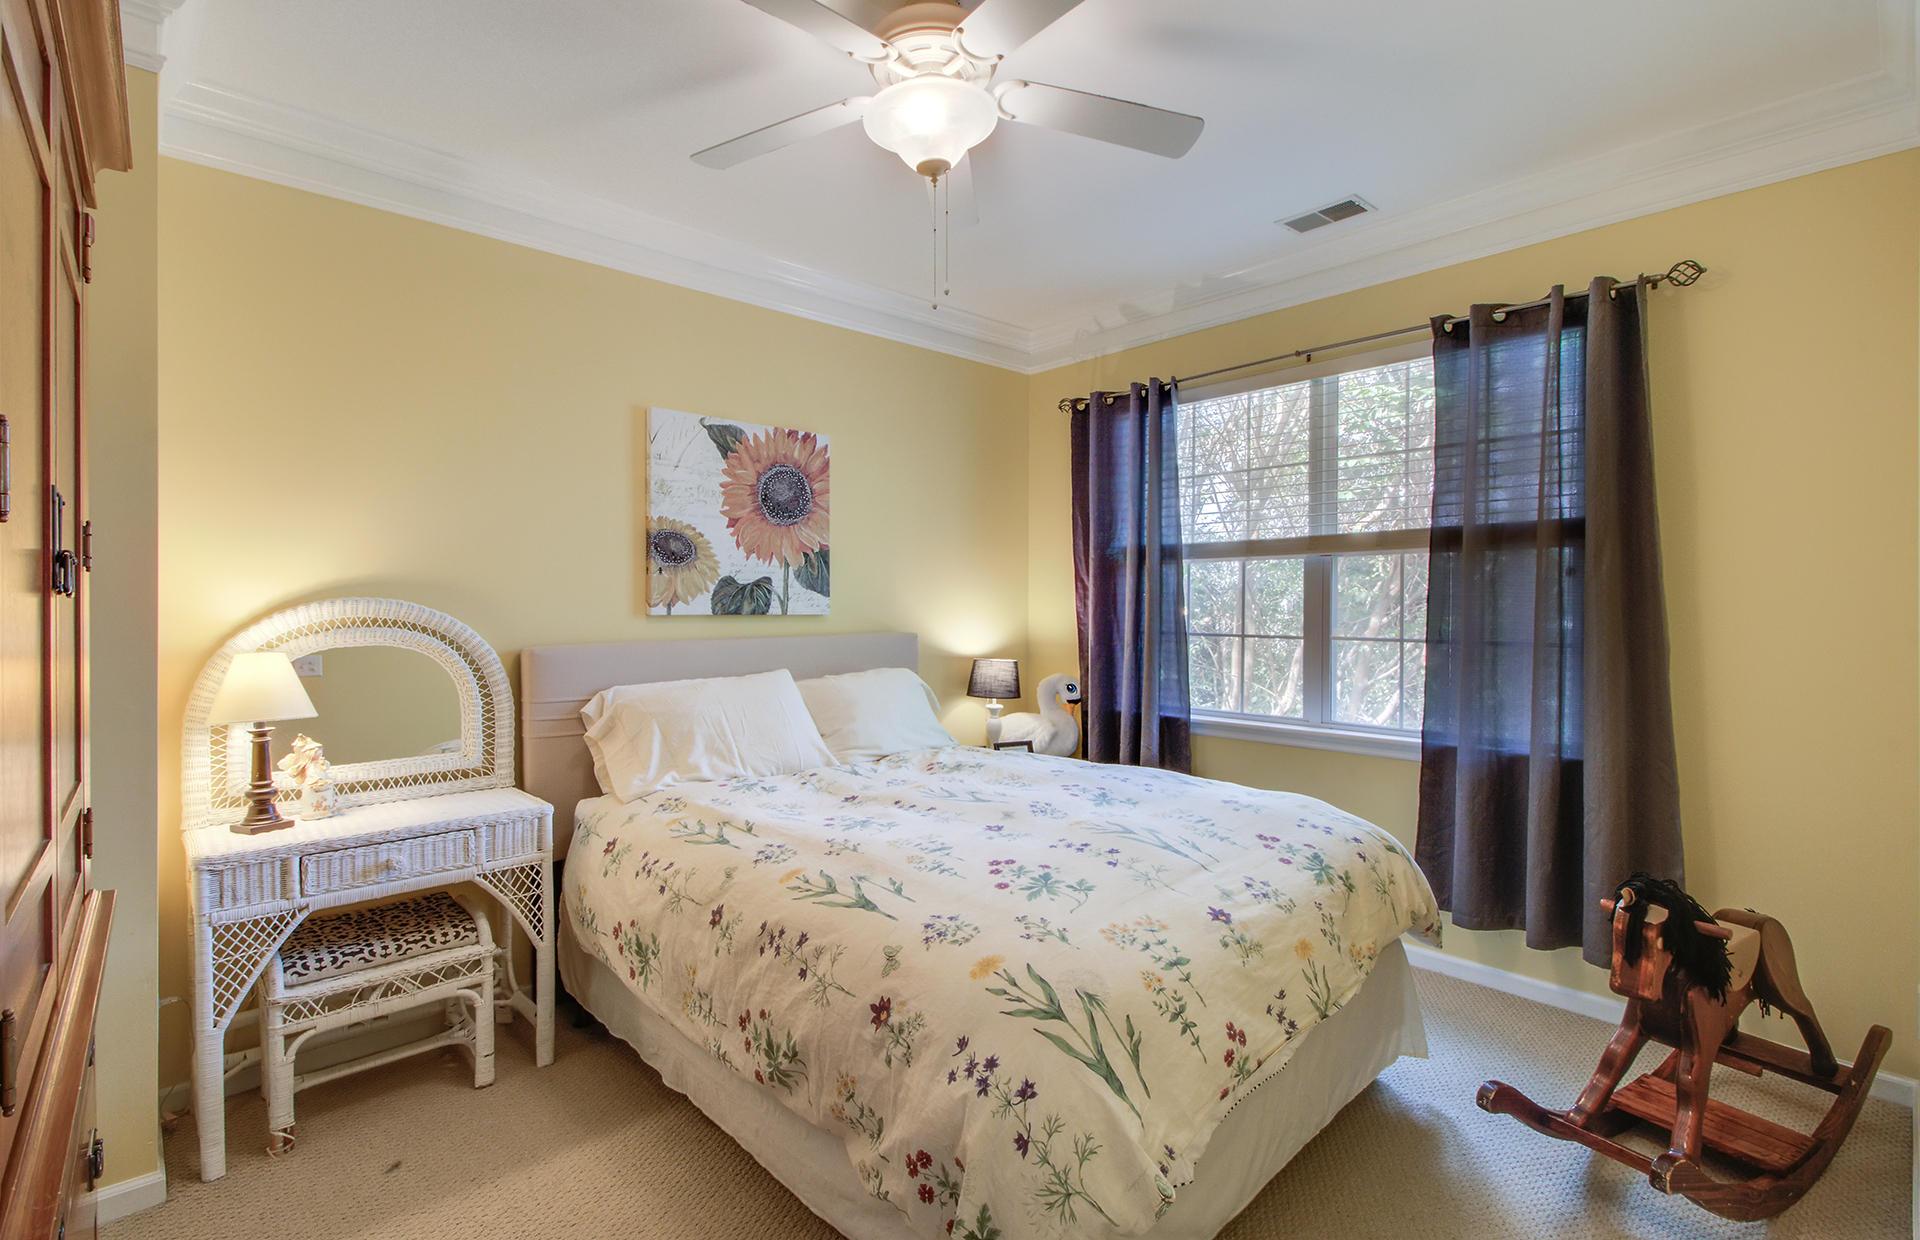 Park West Homes For Sale - 2500 Draymohr, Mount Pleasant, SC - 9